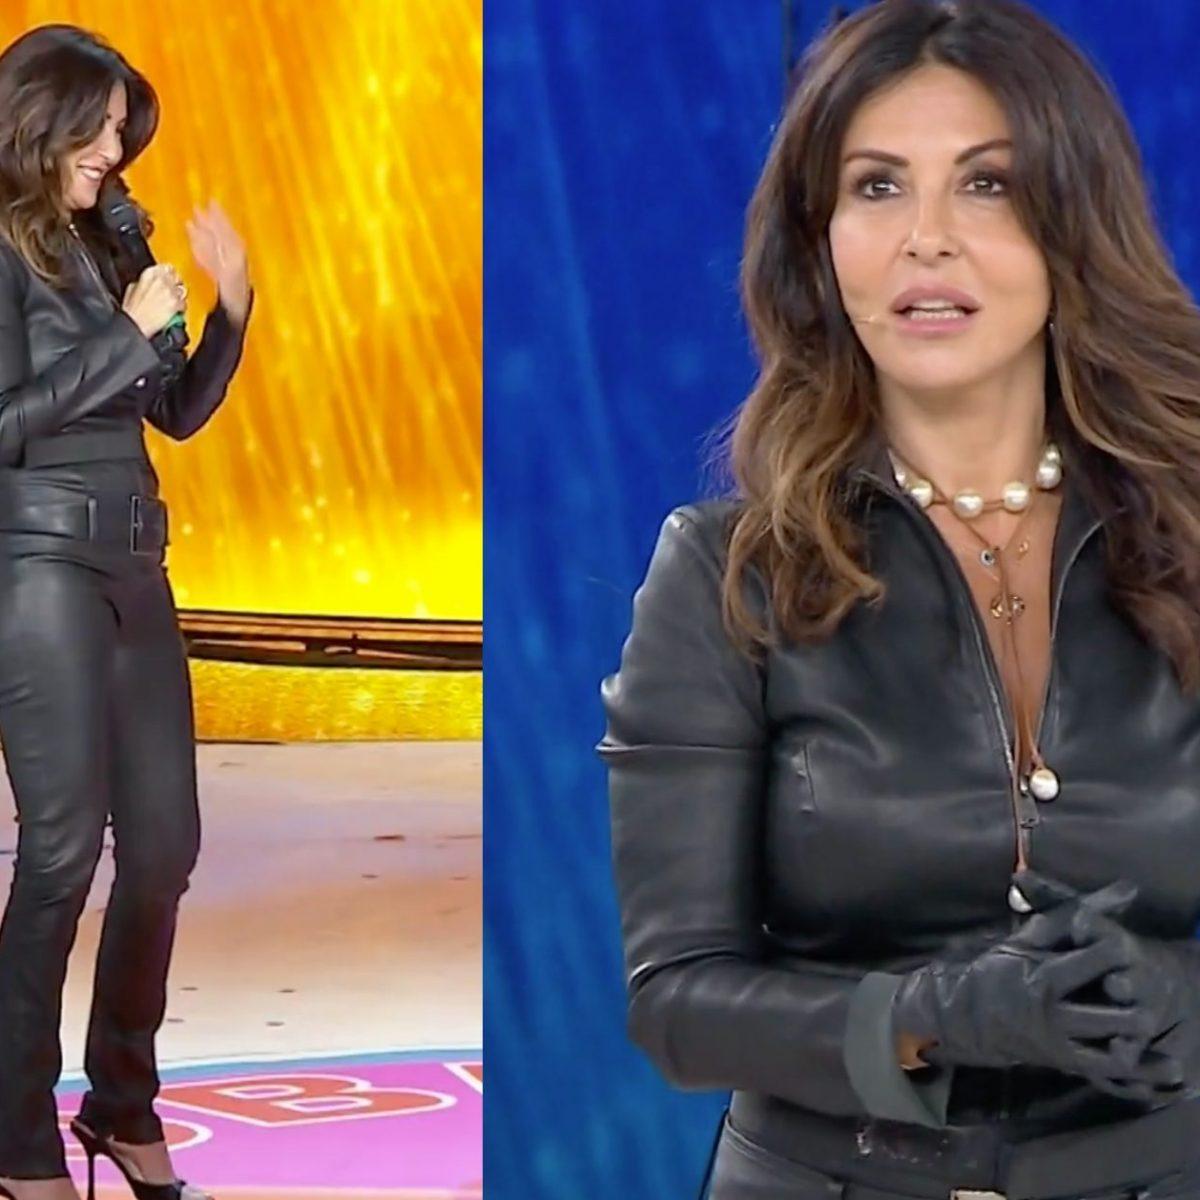 Amici Speciali Sabrina Ferilli Come Catwoman Con La Tuta In Pelle Balla I Trend Di Tik Tok